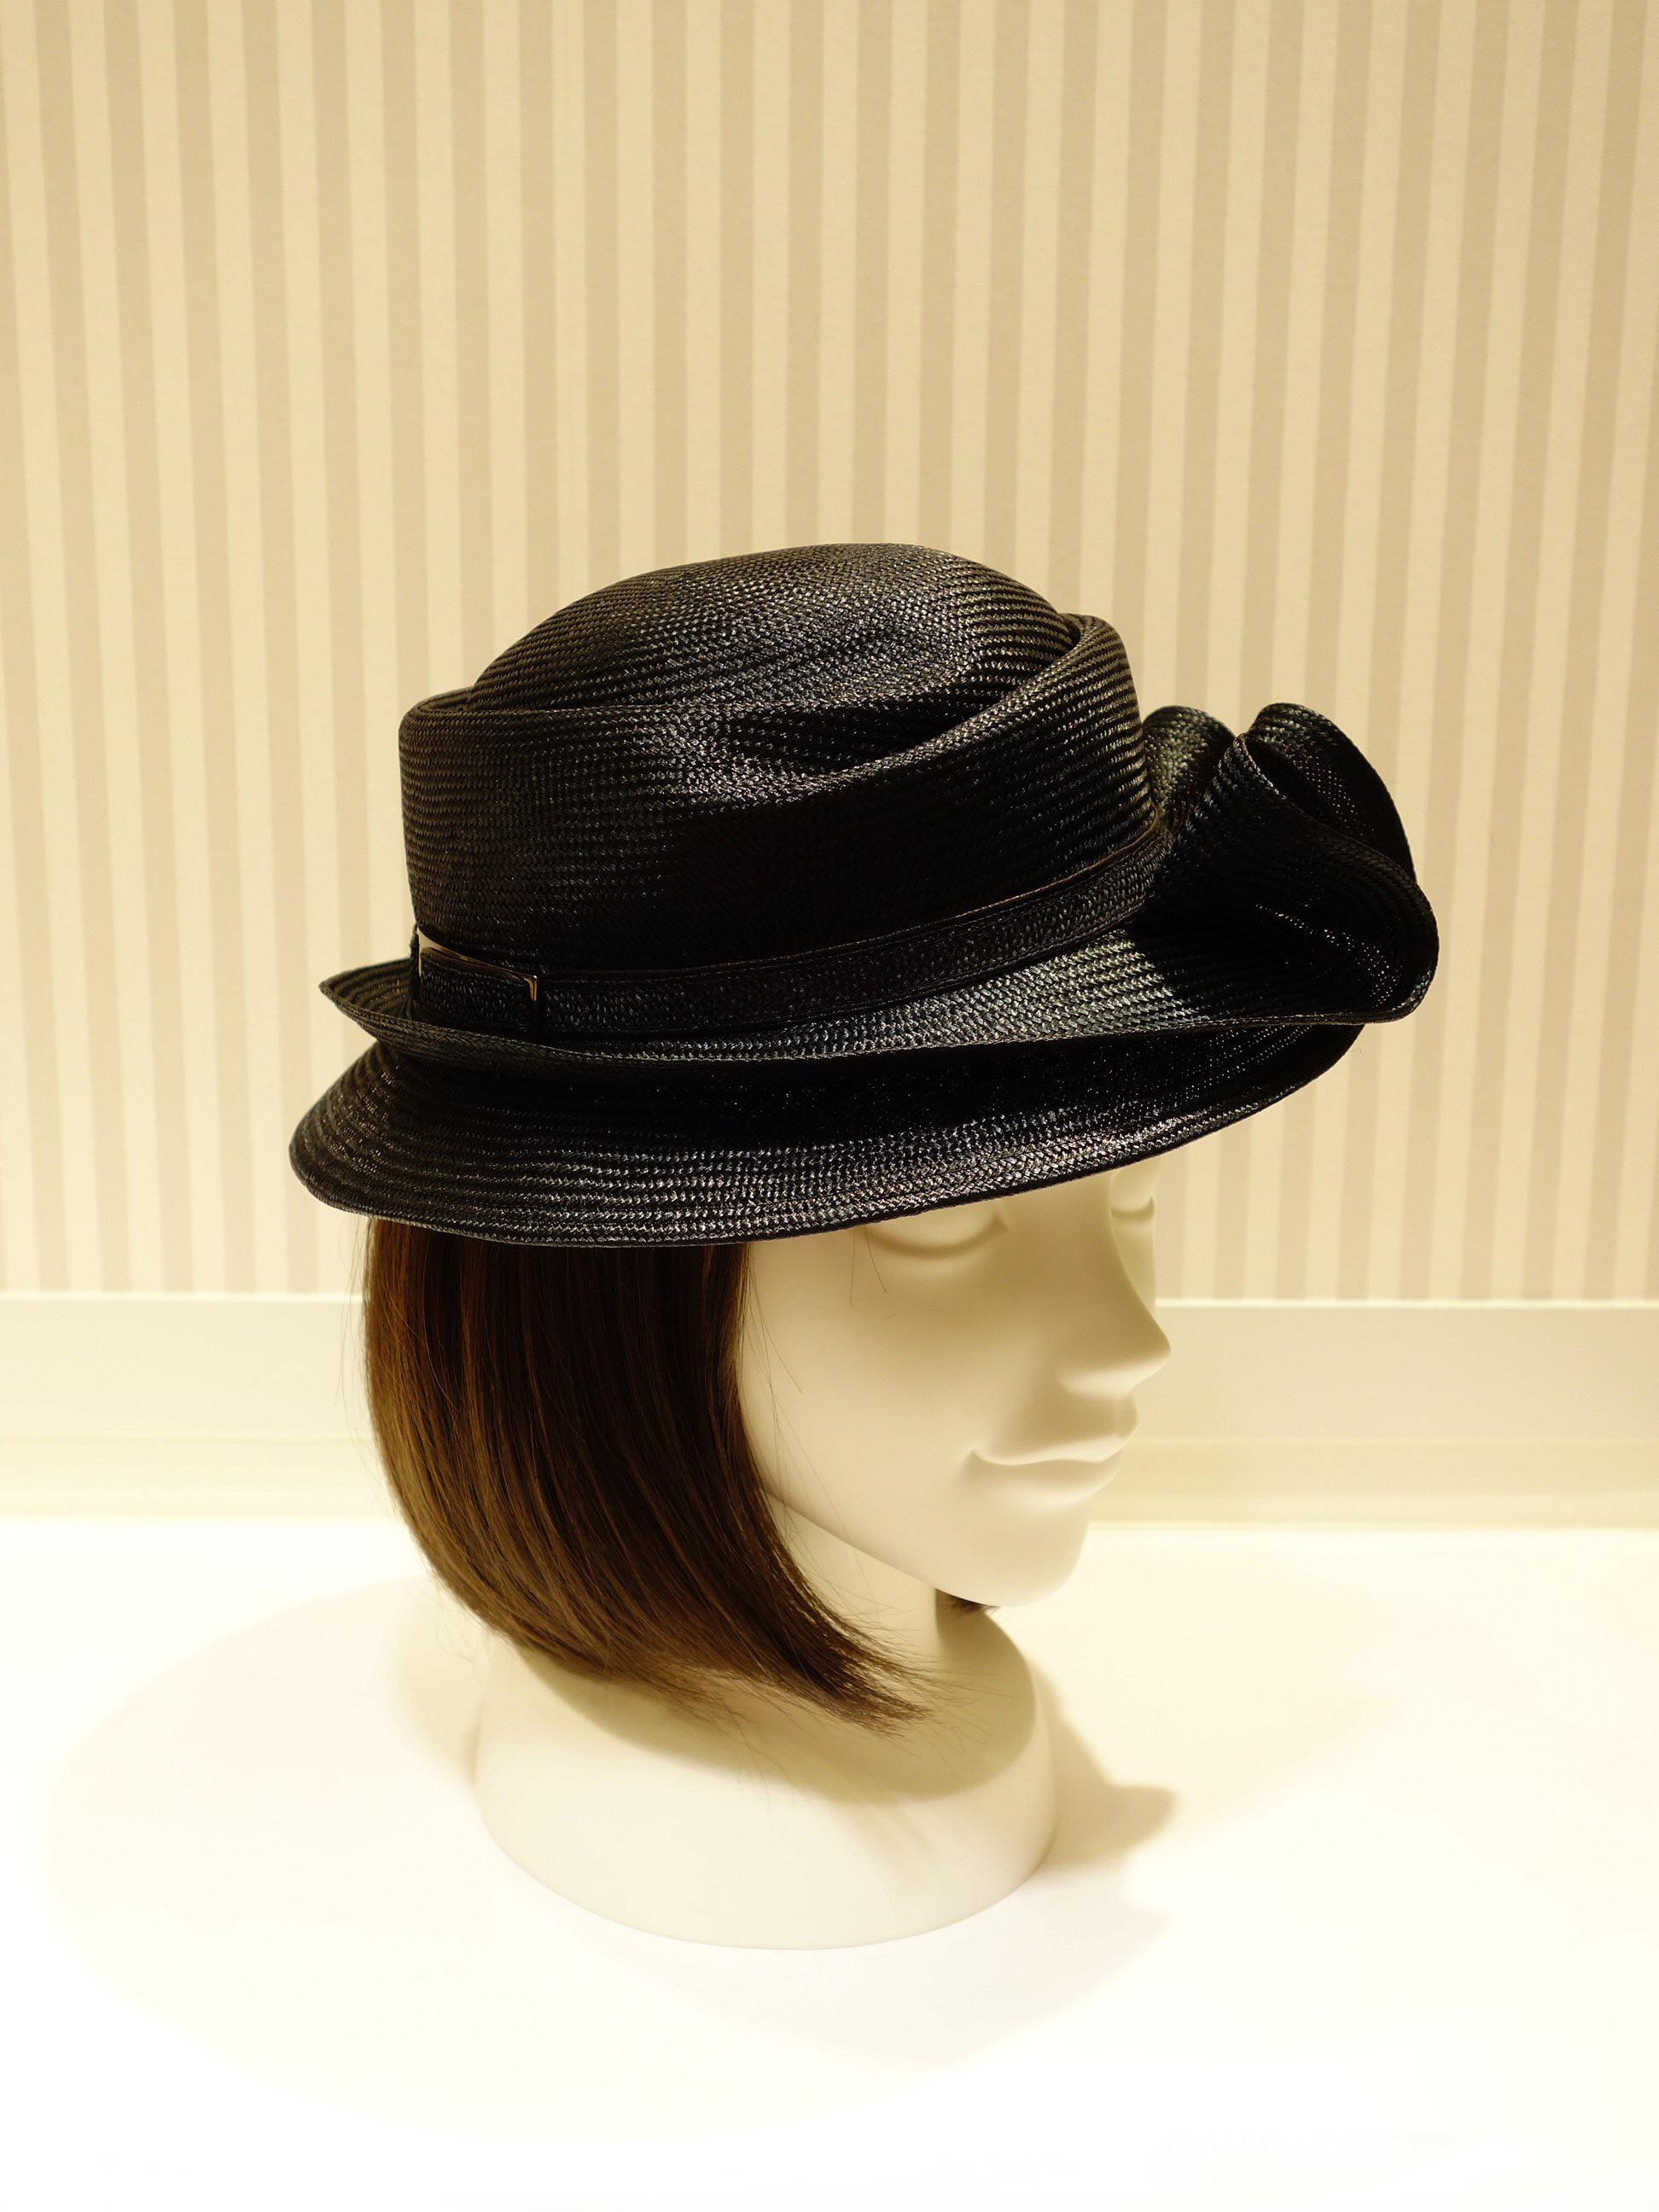 Mode Svetlana新作帽子入荷です♪_e0167832_20323148.jpg